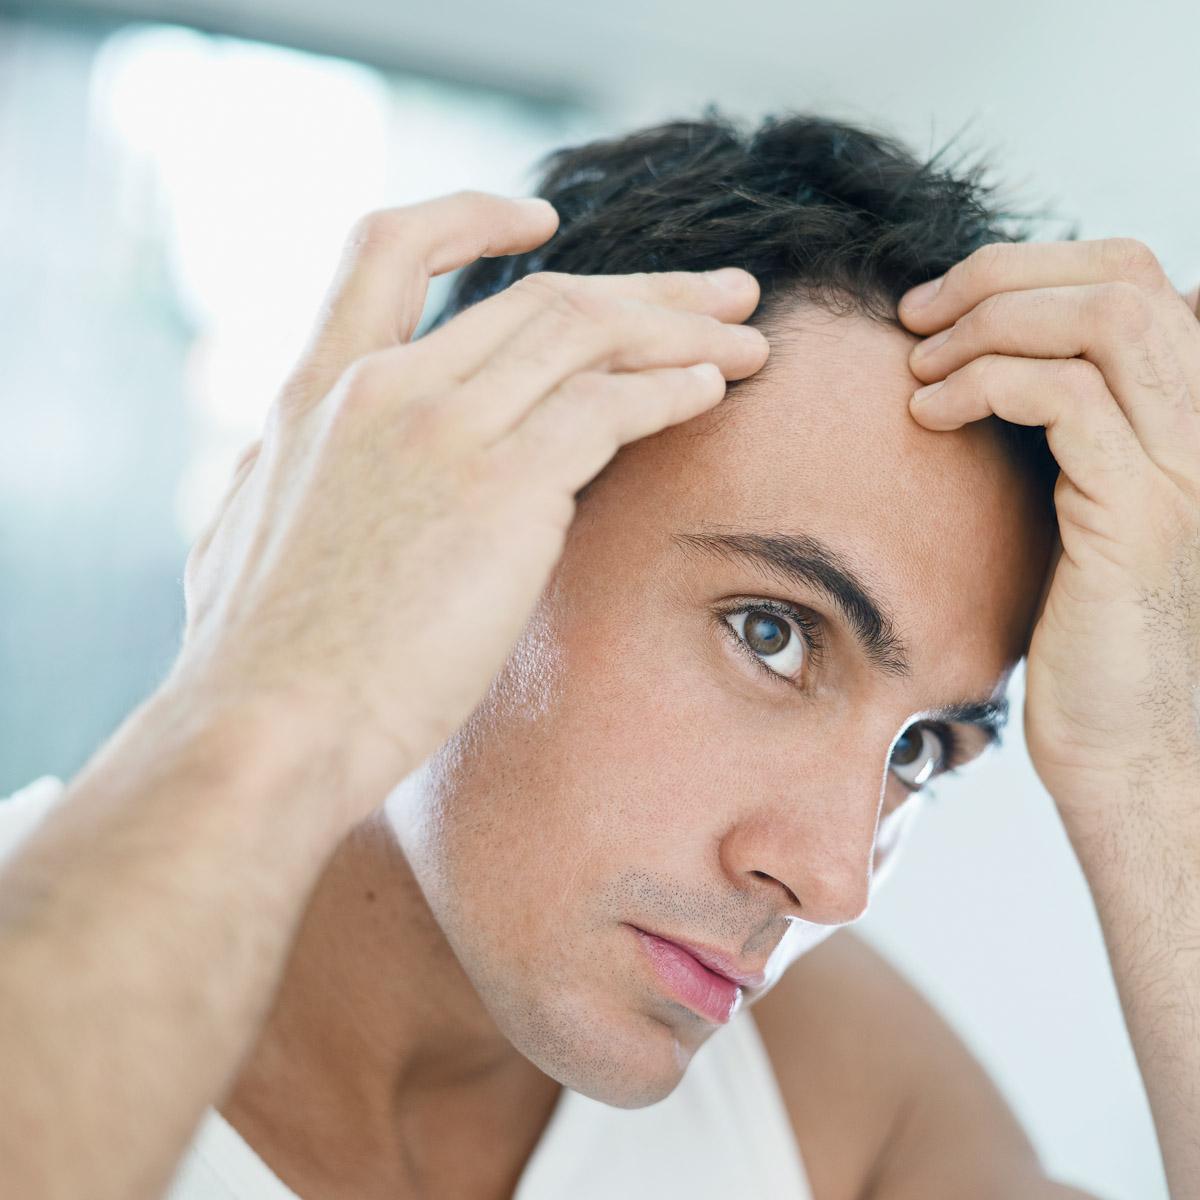 mens-hair-receding-hairline-male-pattern-baldness-man-for-himself